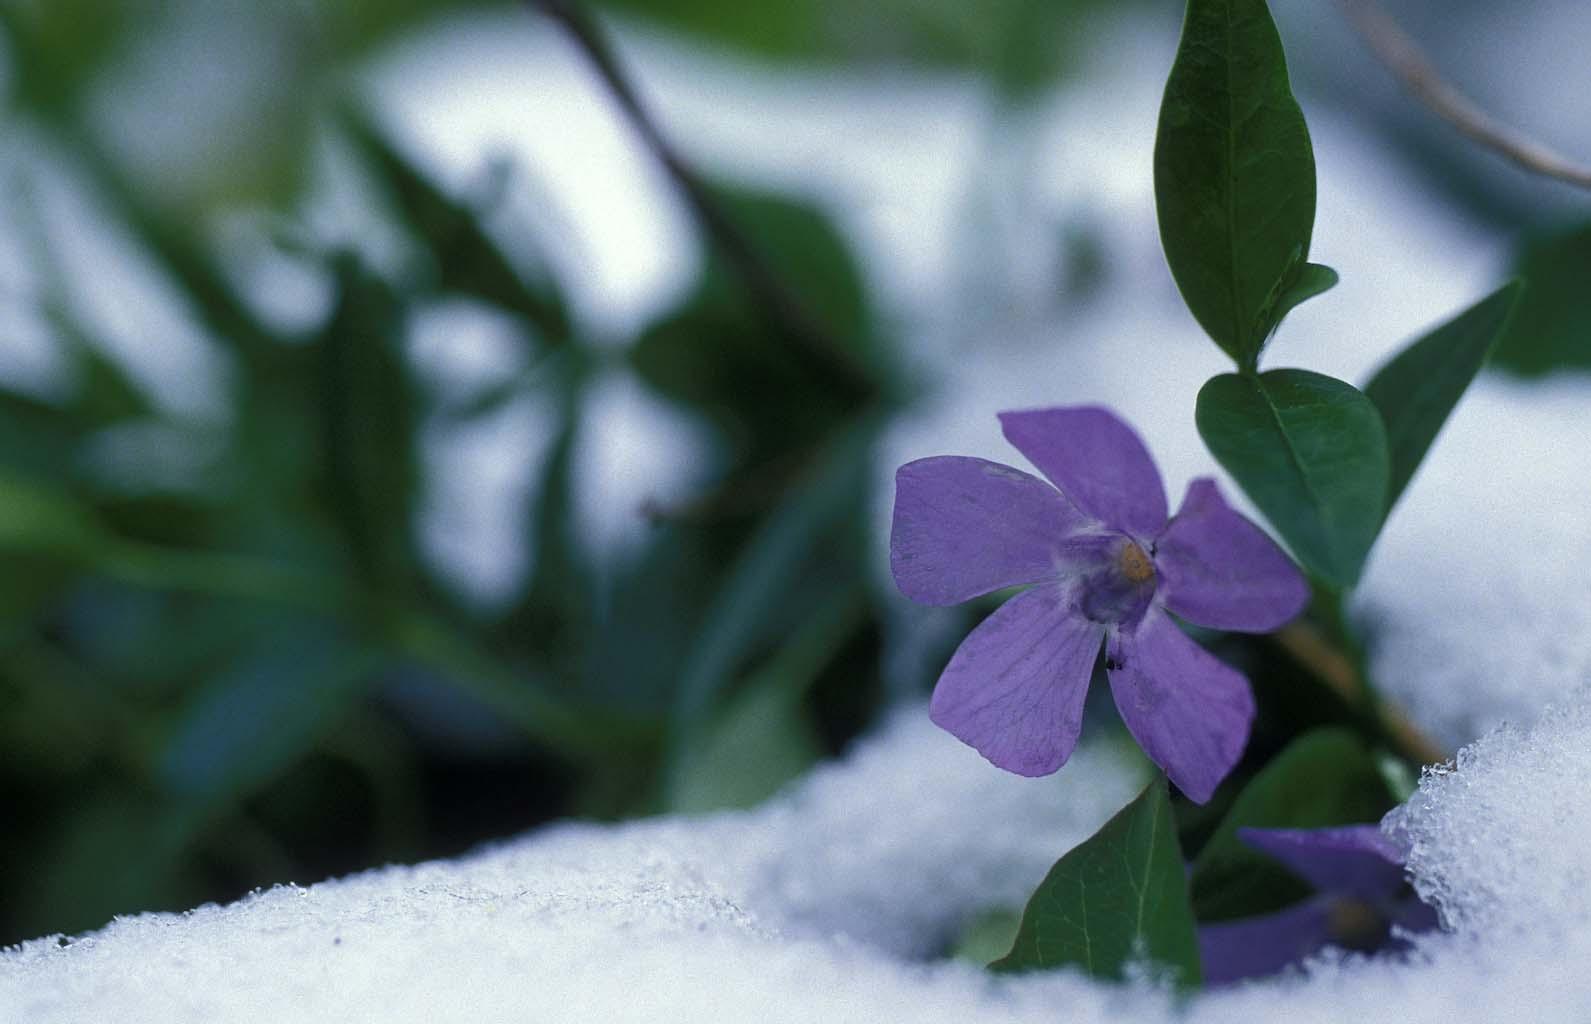 Purple flower blooming in snow